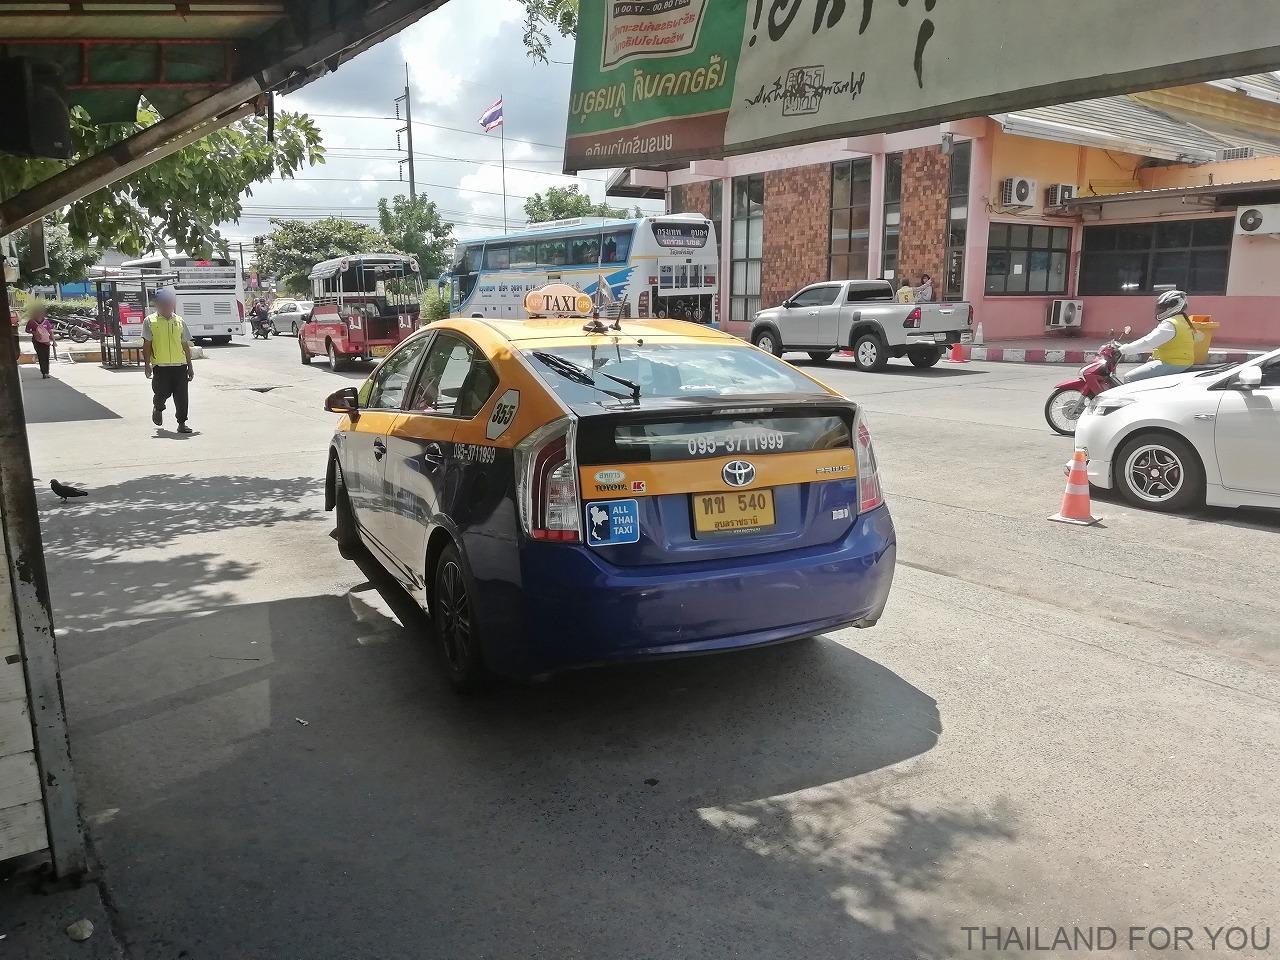 ウボンラチャタニ バスターミナル タクシー